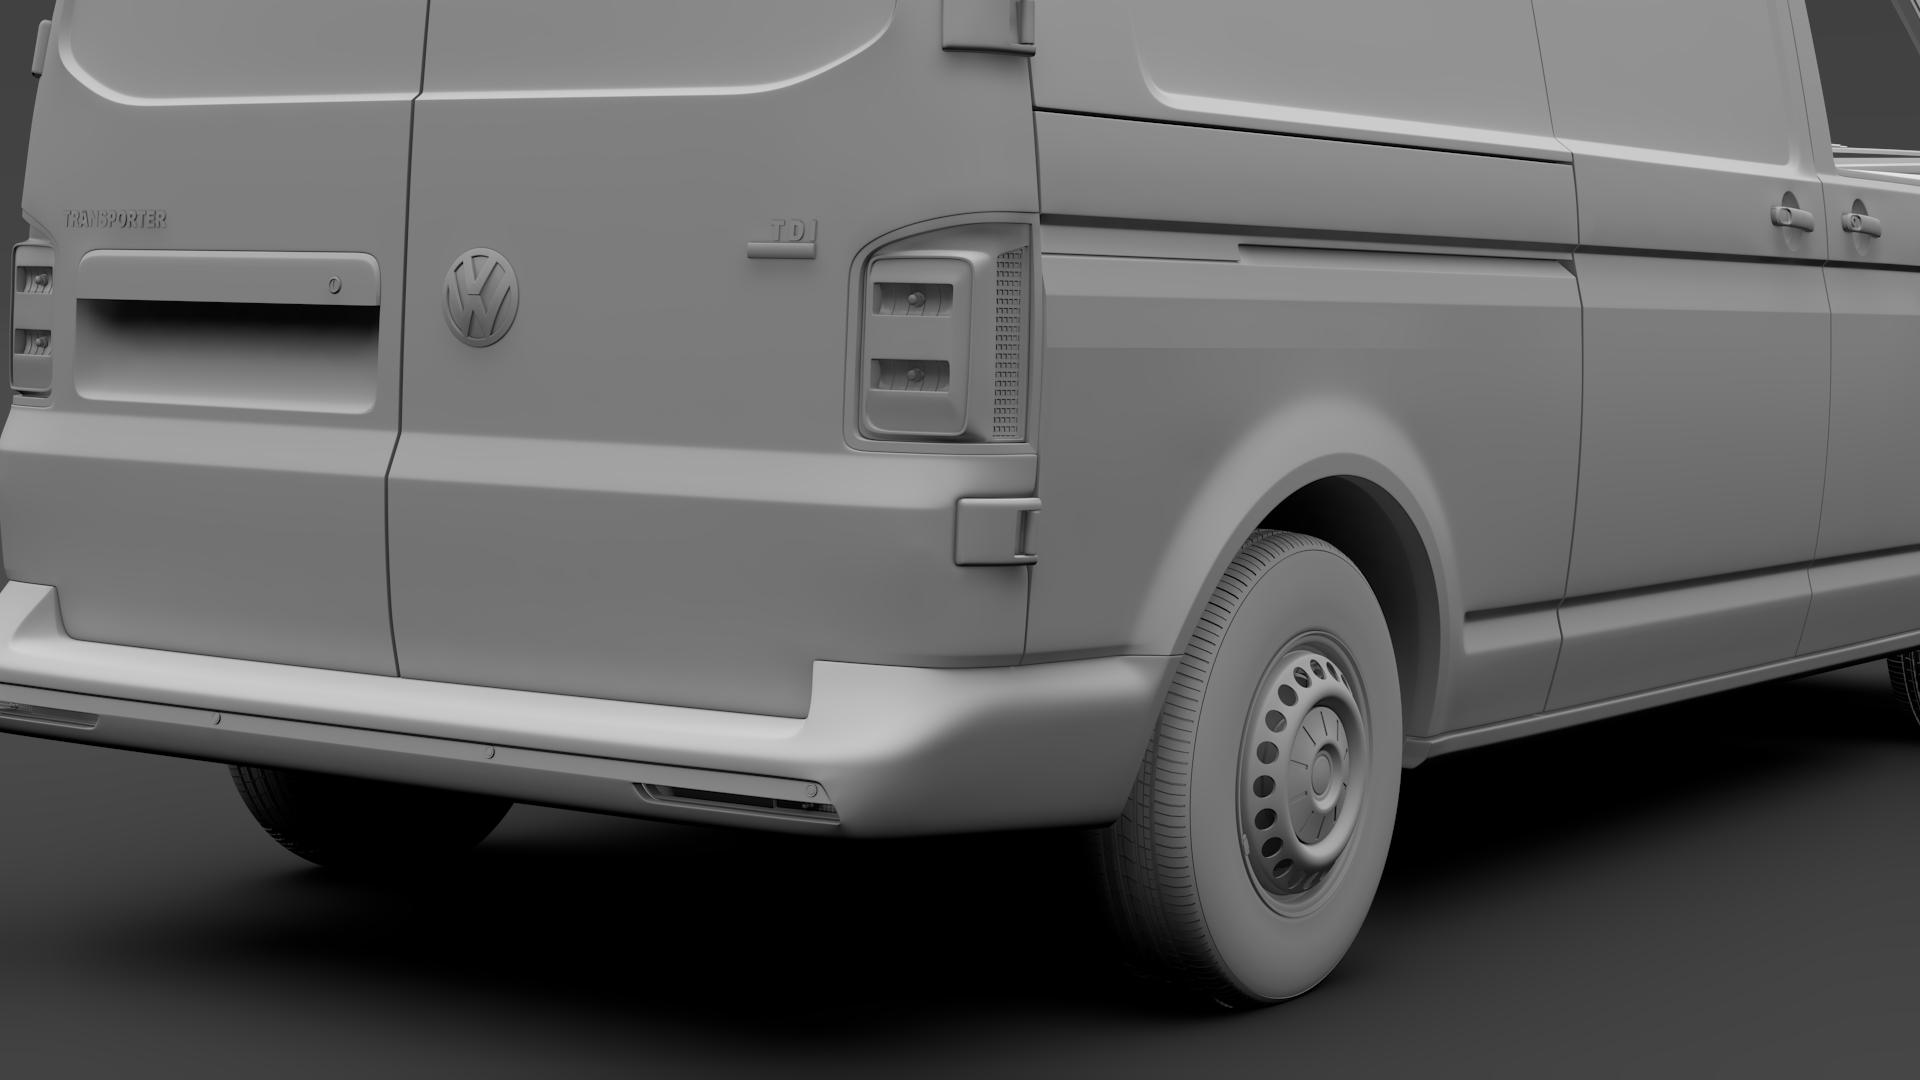 volkswagen transporter van l2h3 t6 2017 3d model max fbx c4d lwo ma mb hrc xsi obj 275299